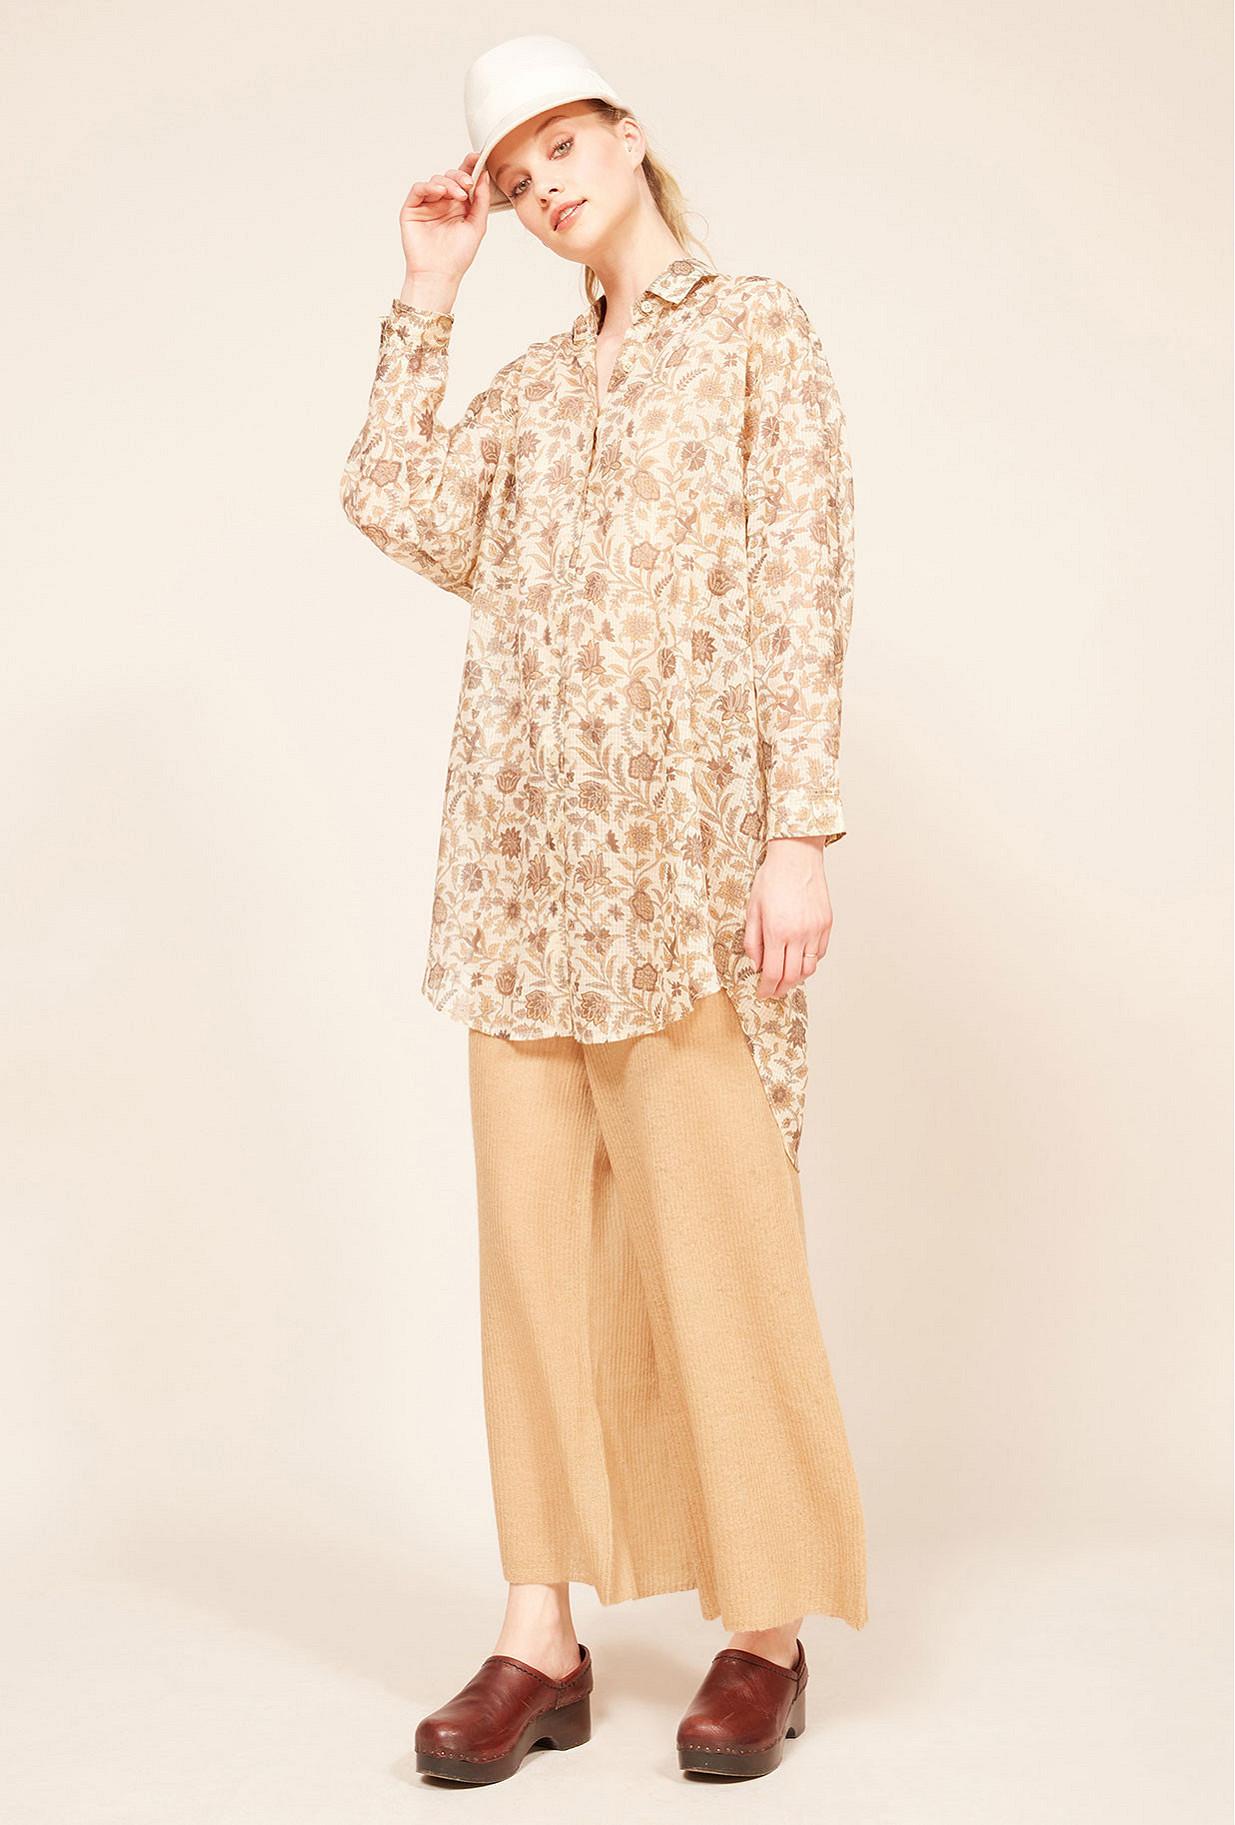 Paris boutique de mode vêtement Chemise créateur bohème  Chrysan